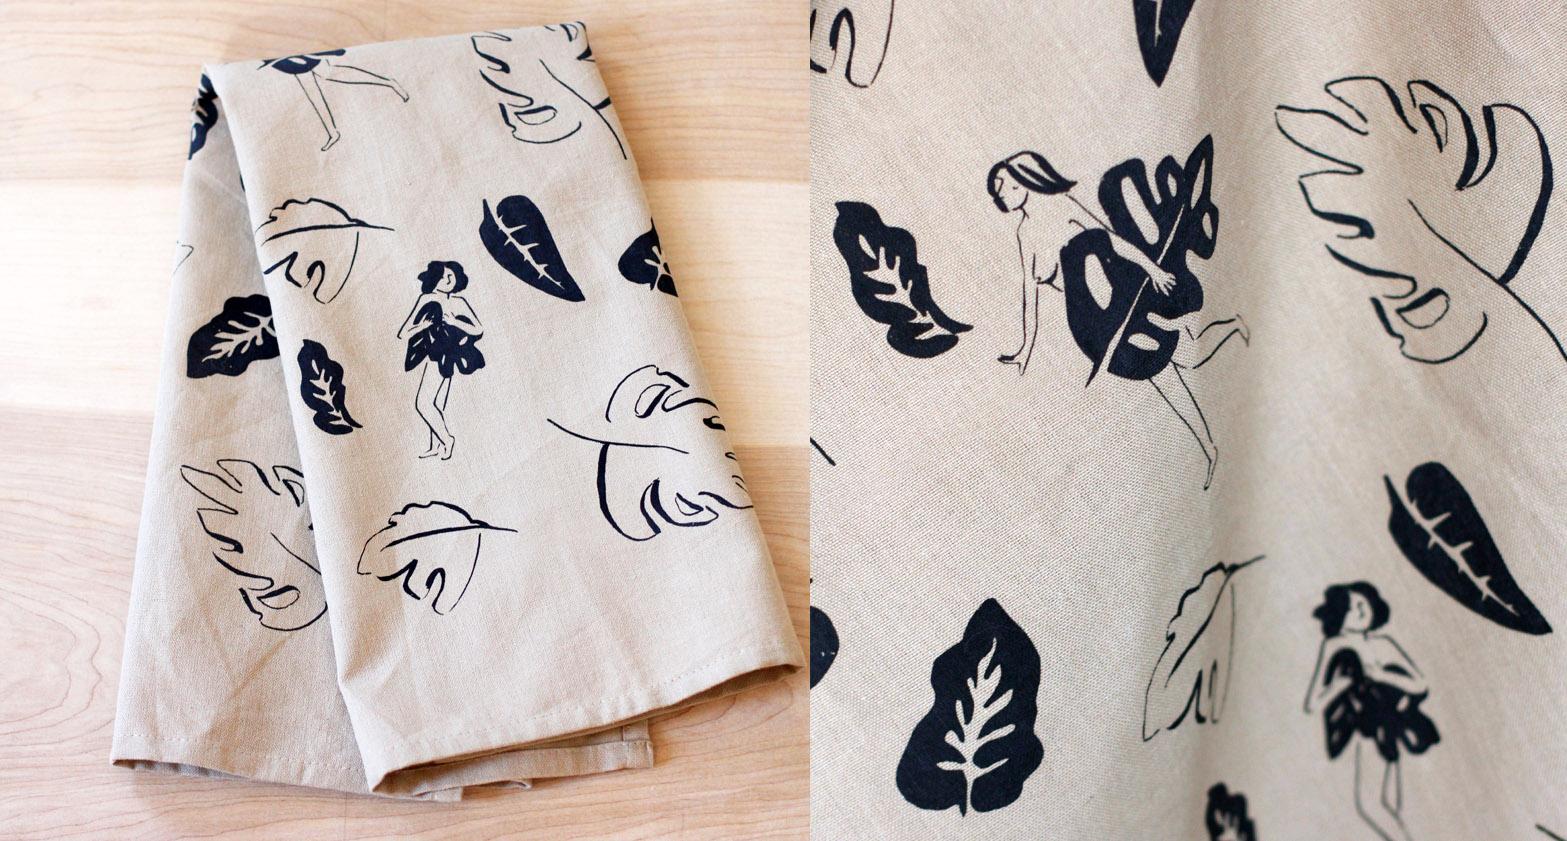 Tea towel ladies and leaves.jpg